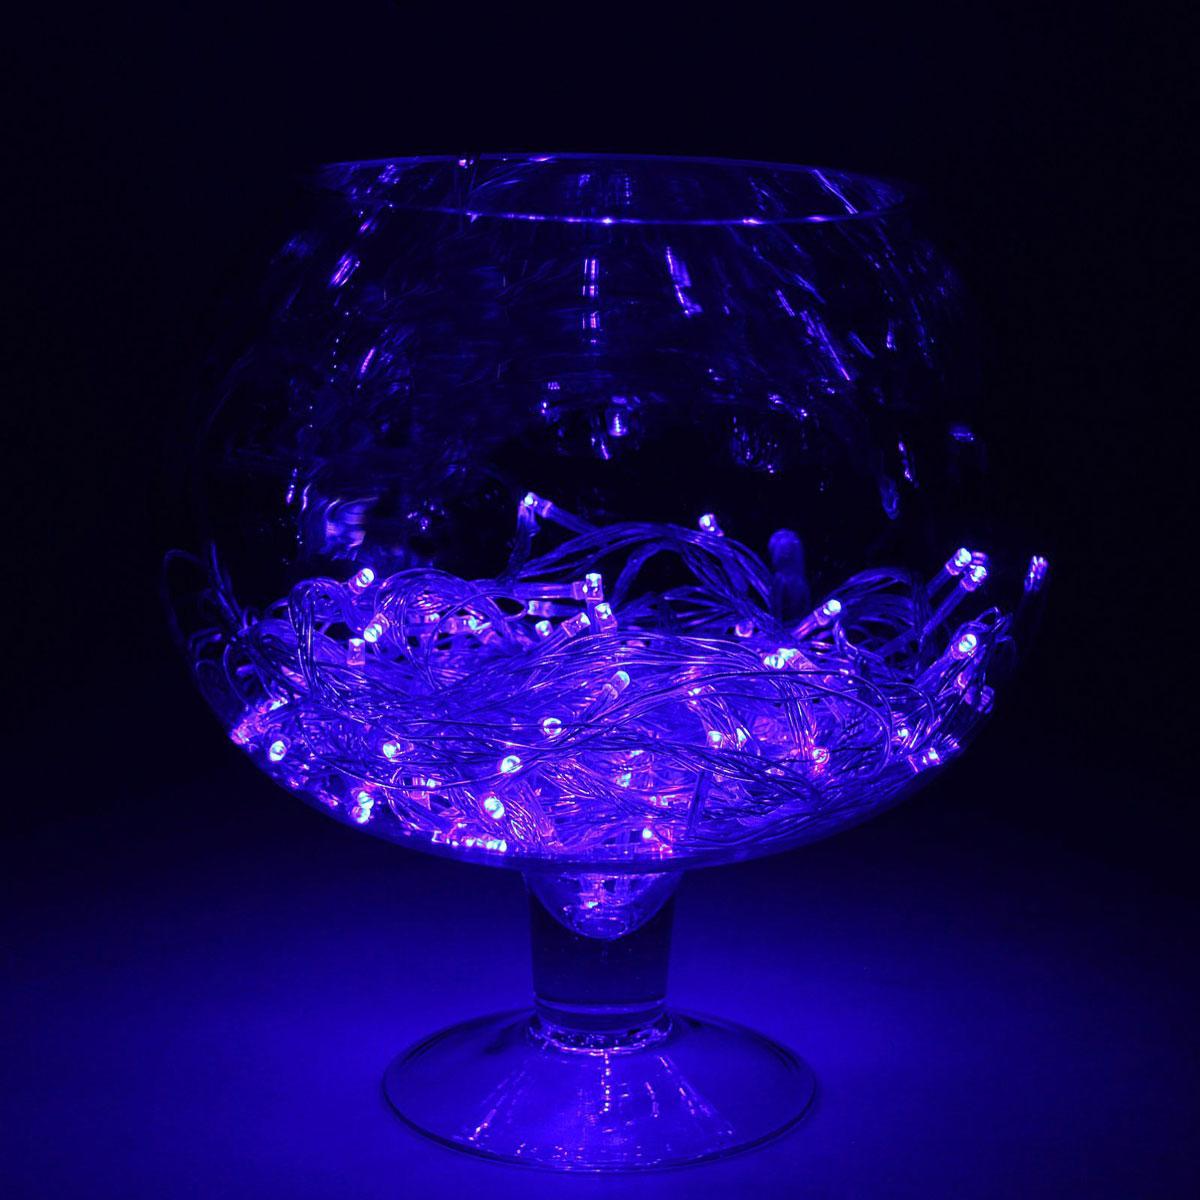 Гирлянда светодиодная Luazon Метраж, цвет: синий, 180 ламп, 8 режимов, 220 V, длина 15 м. 15857841585784Светодиодные гирлянды и ленты — это отличный вариант для новогоднего оформления интерьера или фасада. С их помощью помещение любого размера можно превратить в праздничный зал, а внешние элементы зданий, украшенные ими, мгновенно станут напоминать очертания сказочного дворца. Такие украшения создают ауру предвкушения чуда. Деревья, фасады, витрины, окна и арки будто специально созданы, чтобы вы украсили их светящимися нитями.